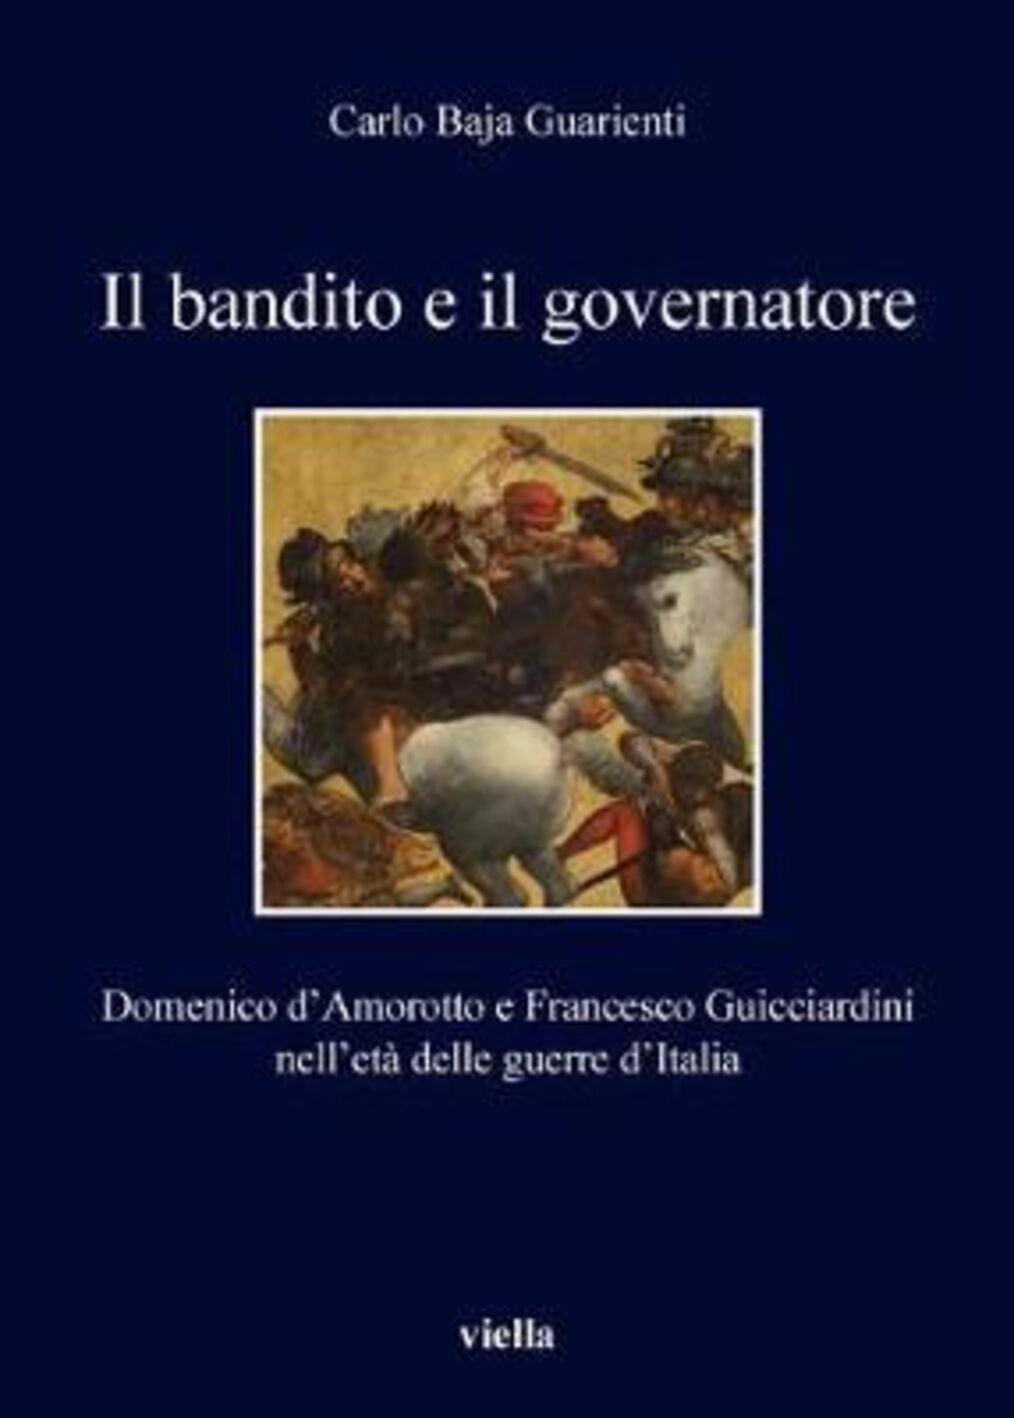 Il bandito e il governatore. Domenico d'Amorotto e Francesco Guicciardini nell'età delle guerre d'Italia